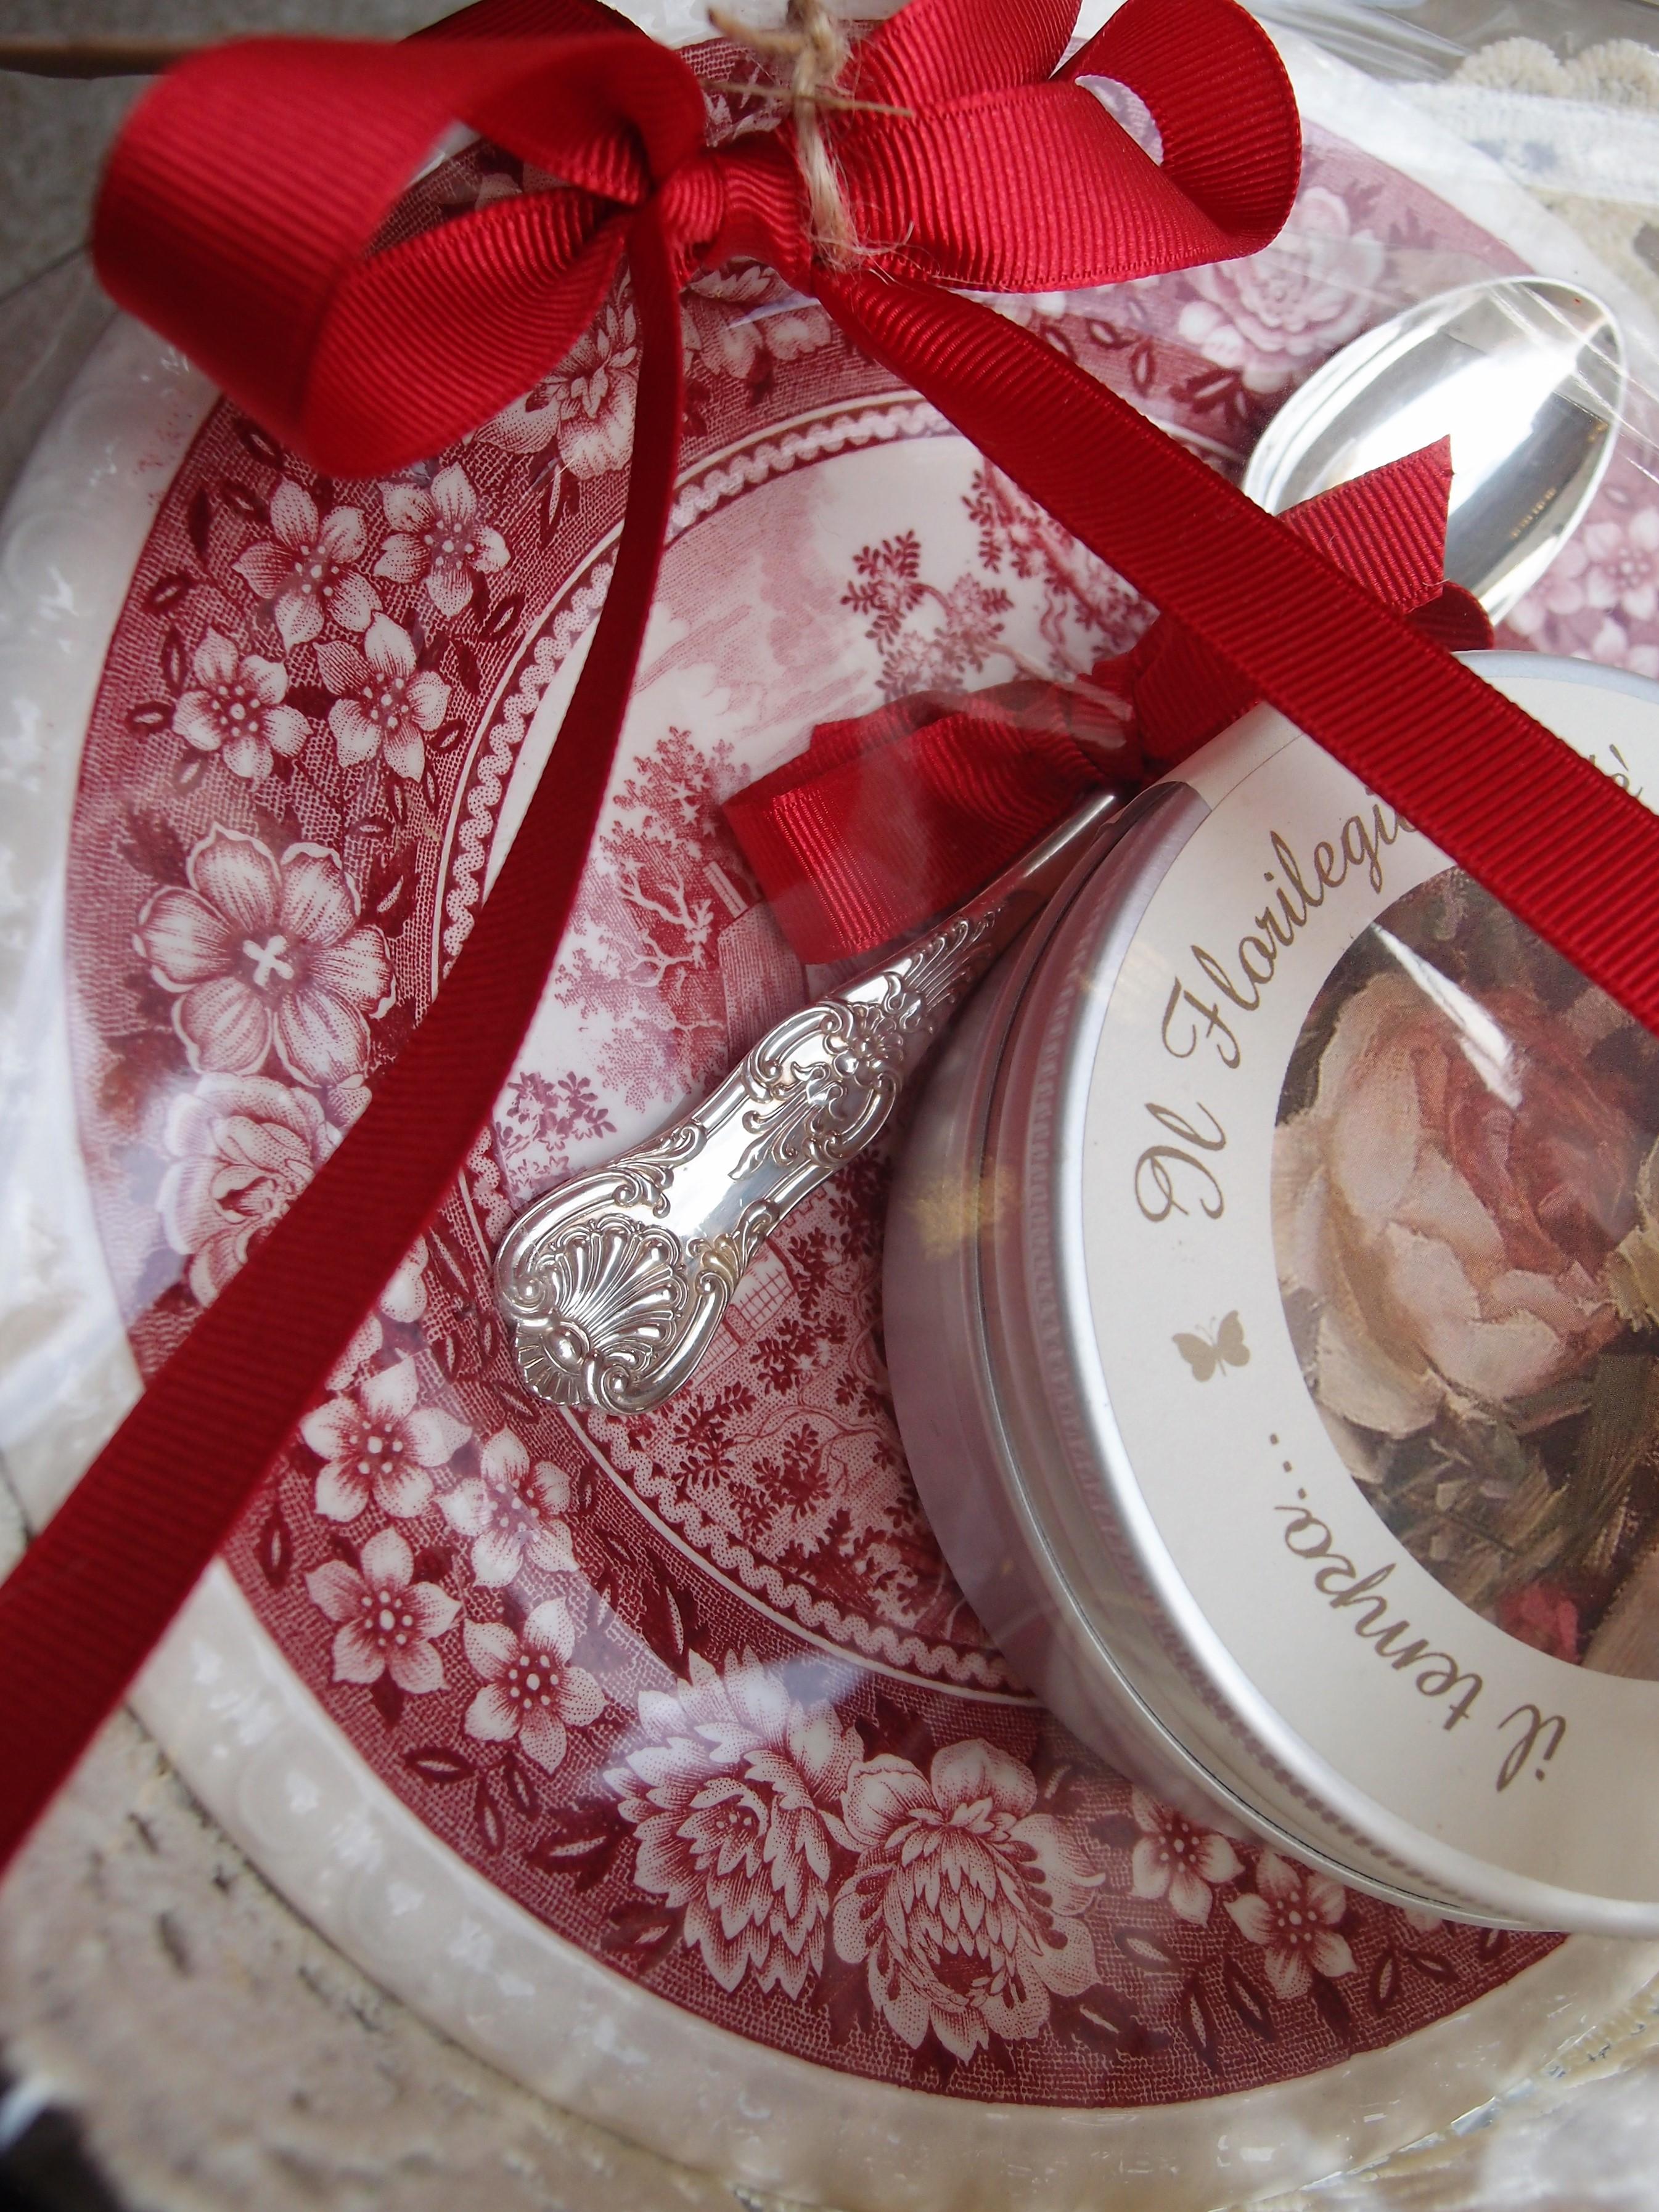 La stagione del cuore l 39 arrivo del natale antichit bellini for Oggetti usati in regalo